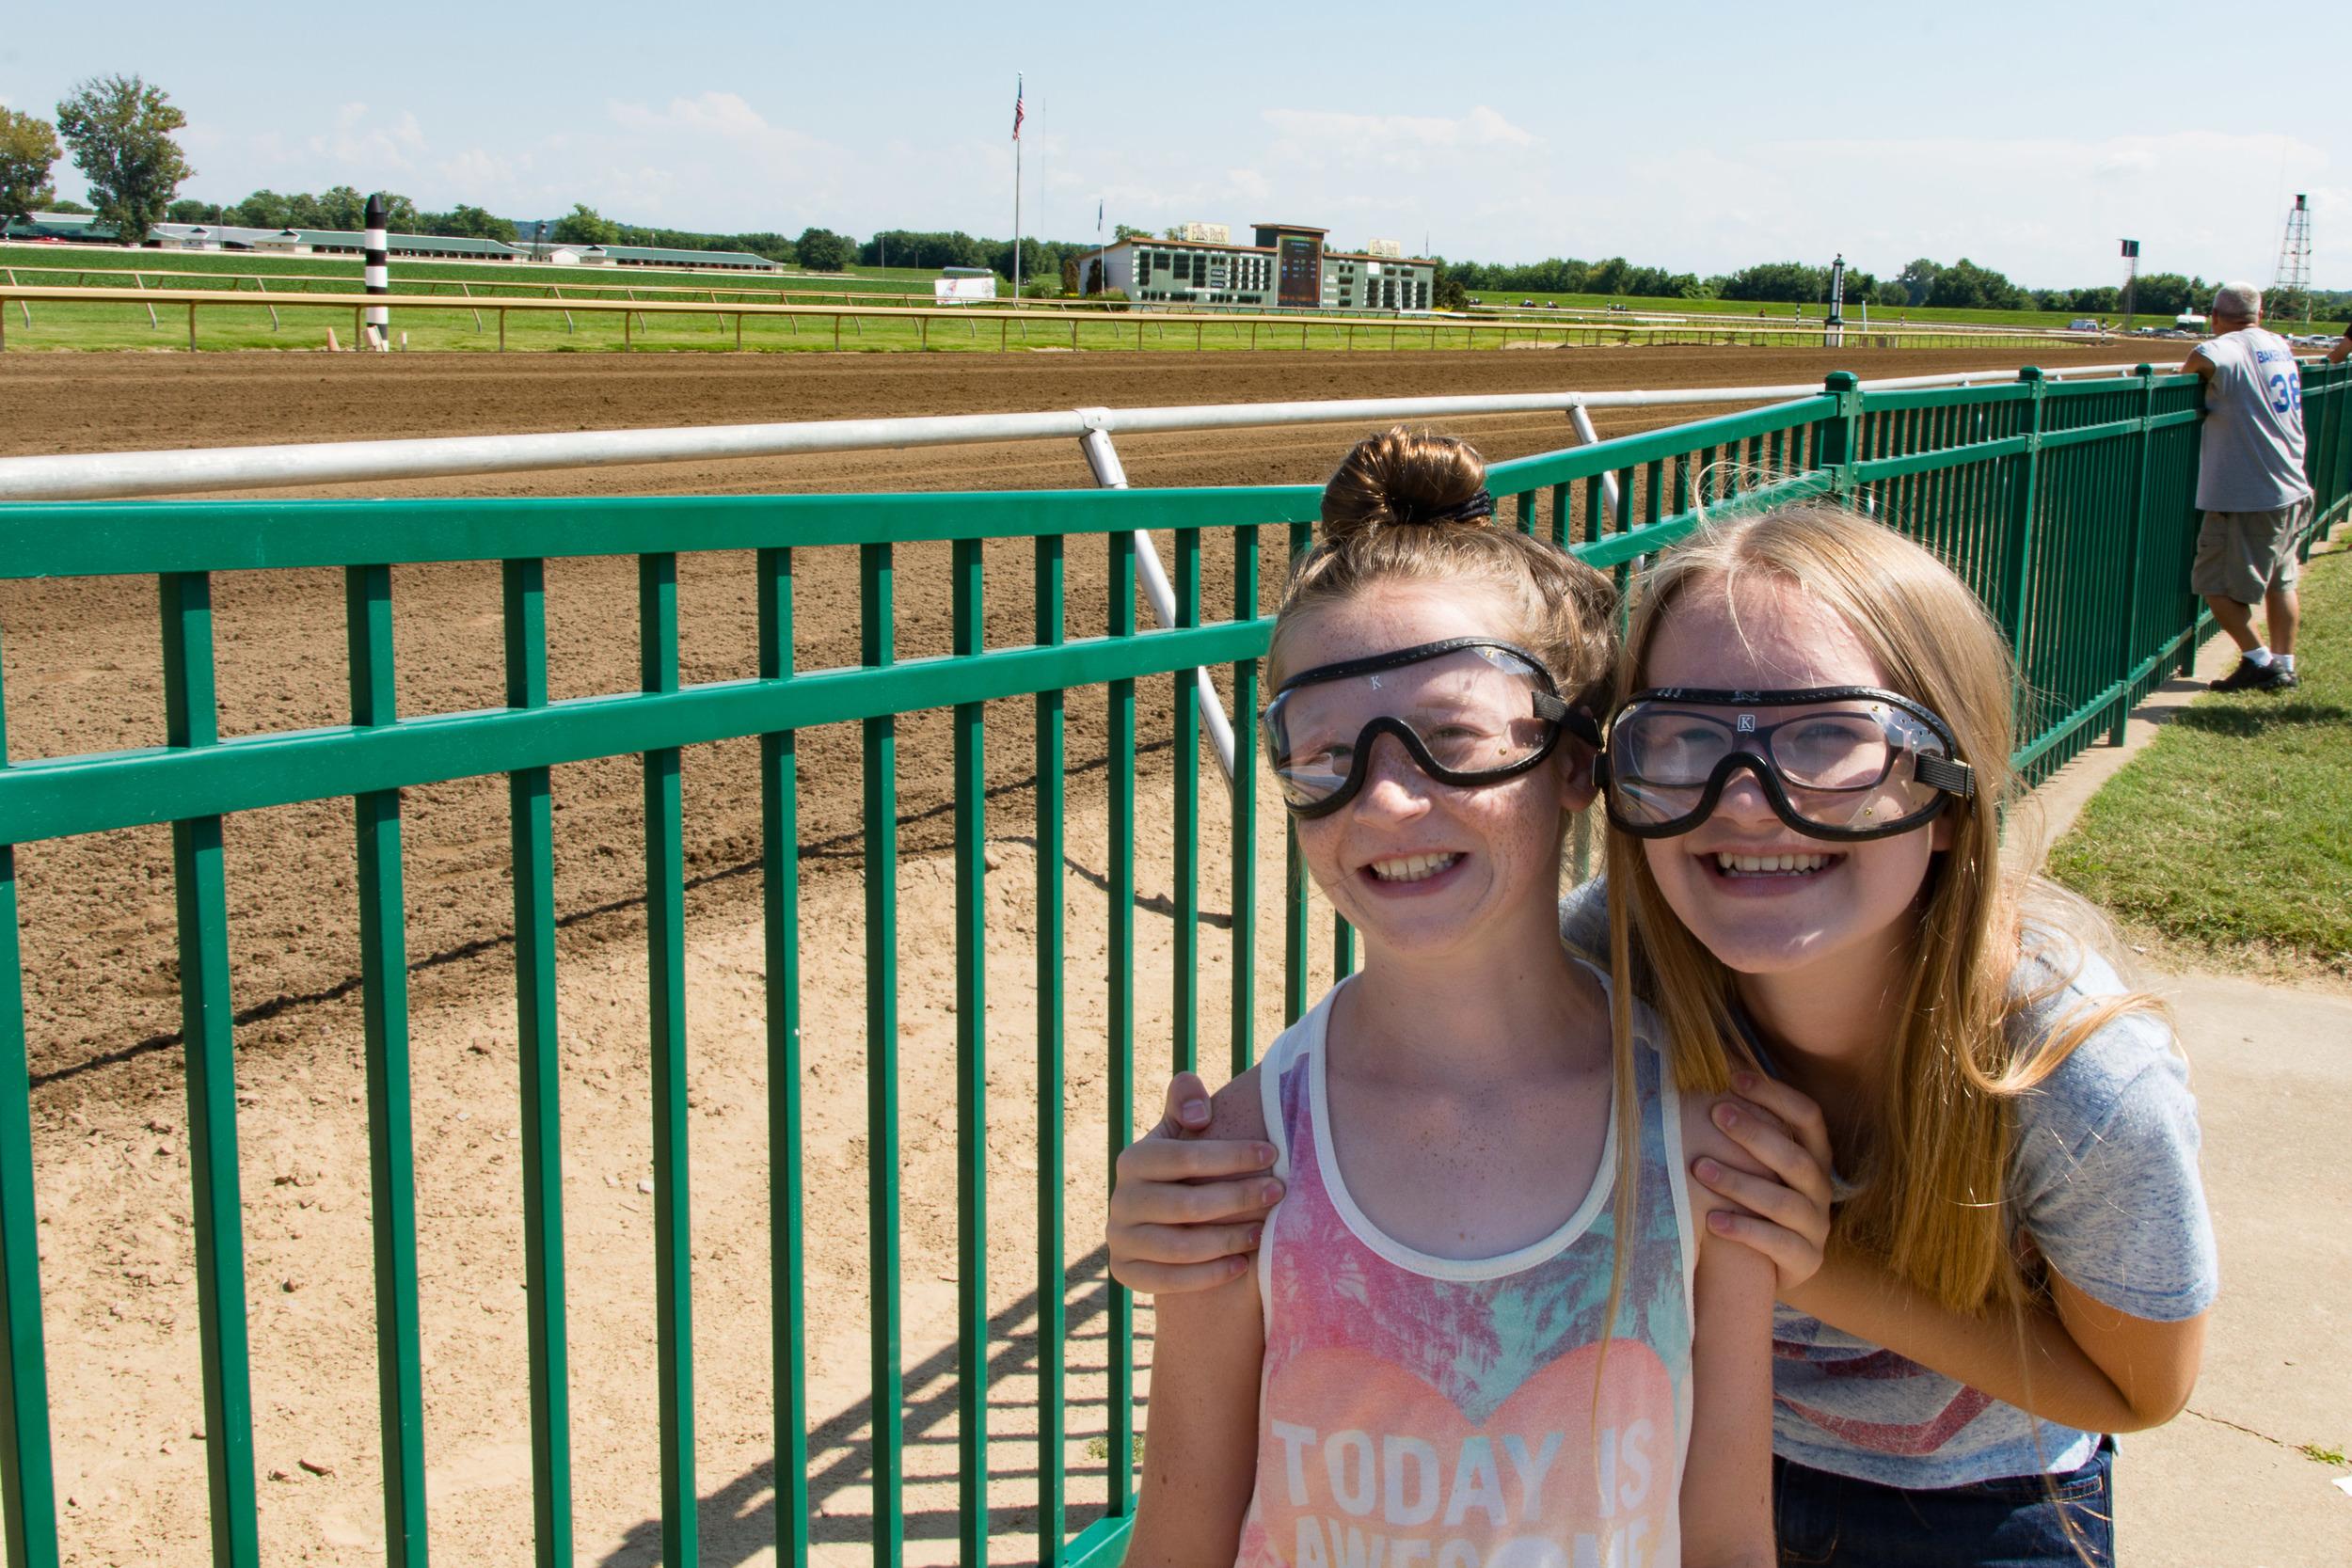 Future jockeys?